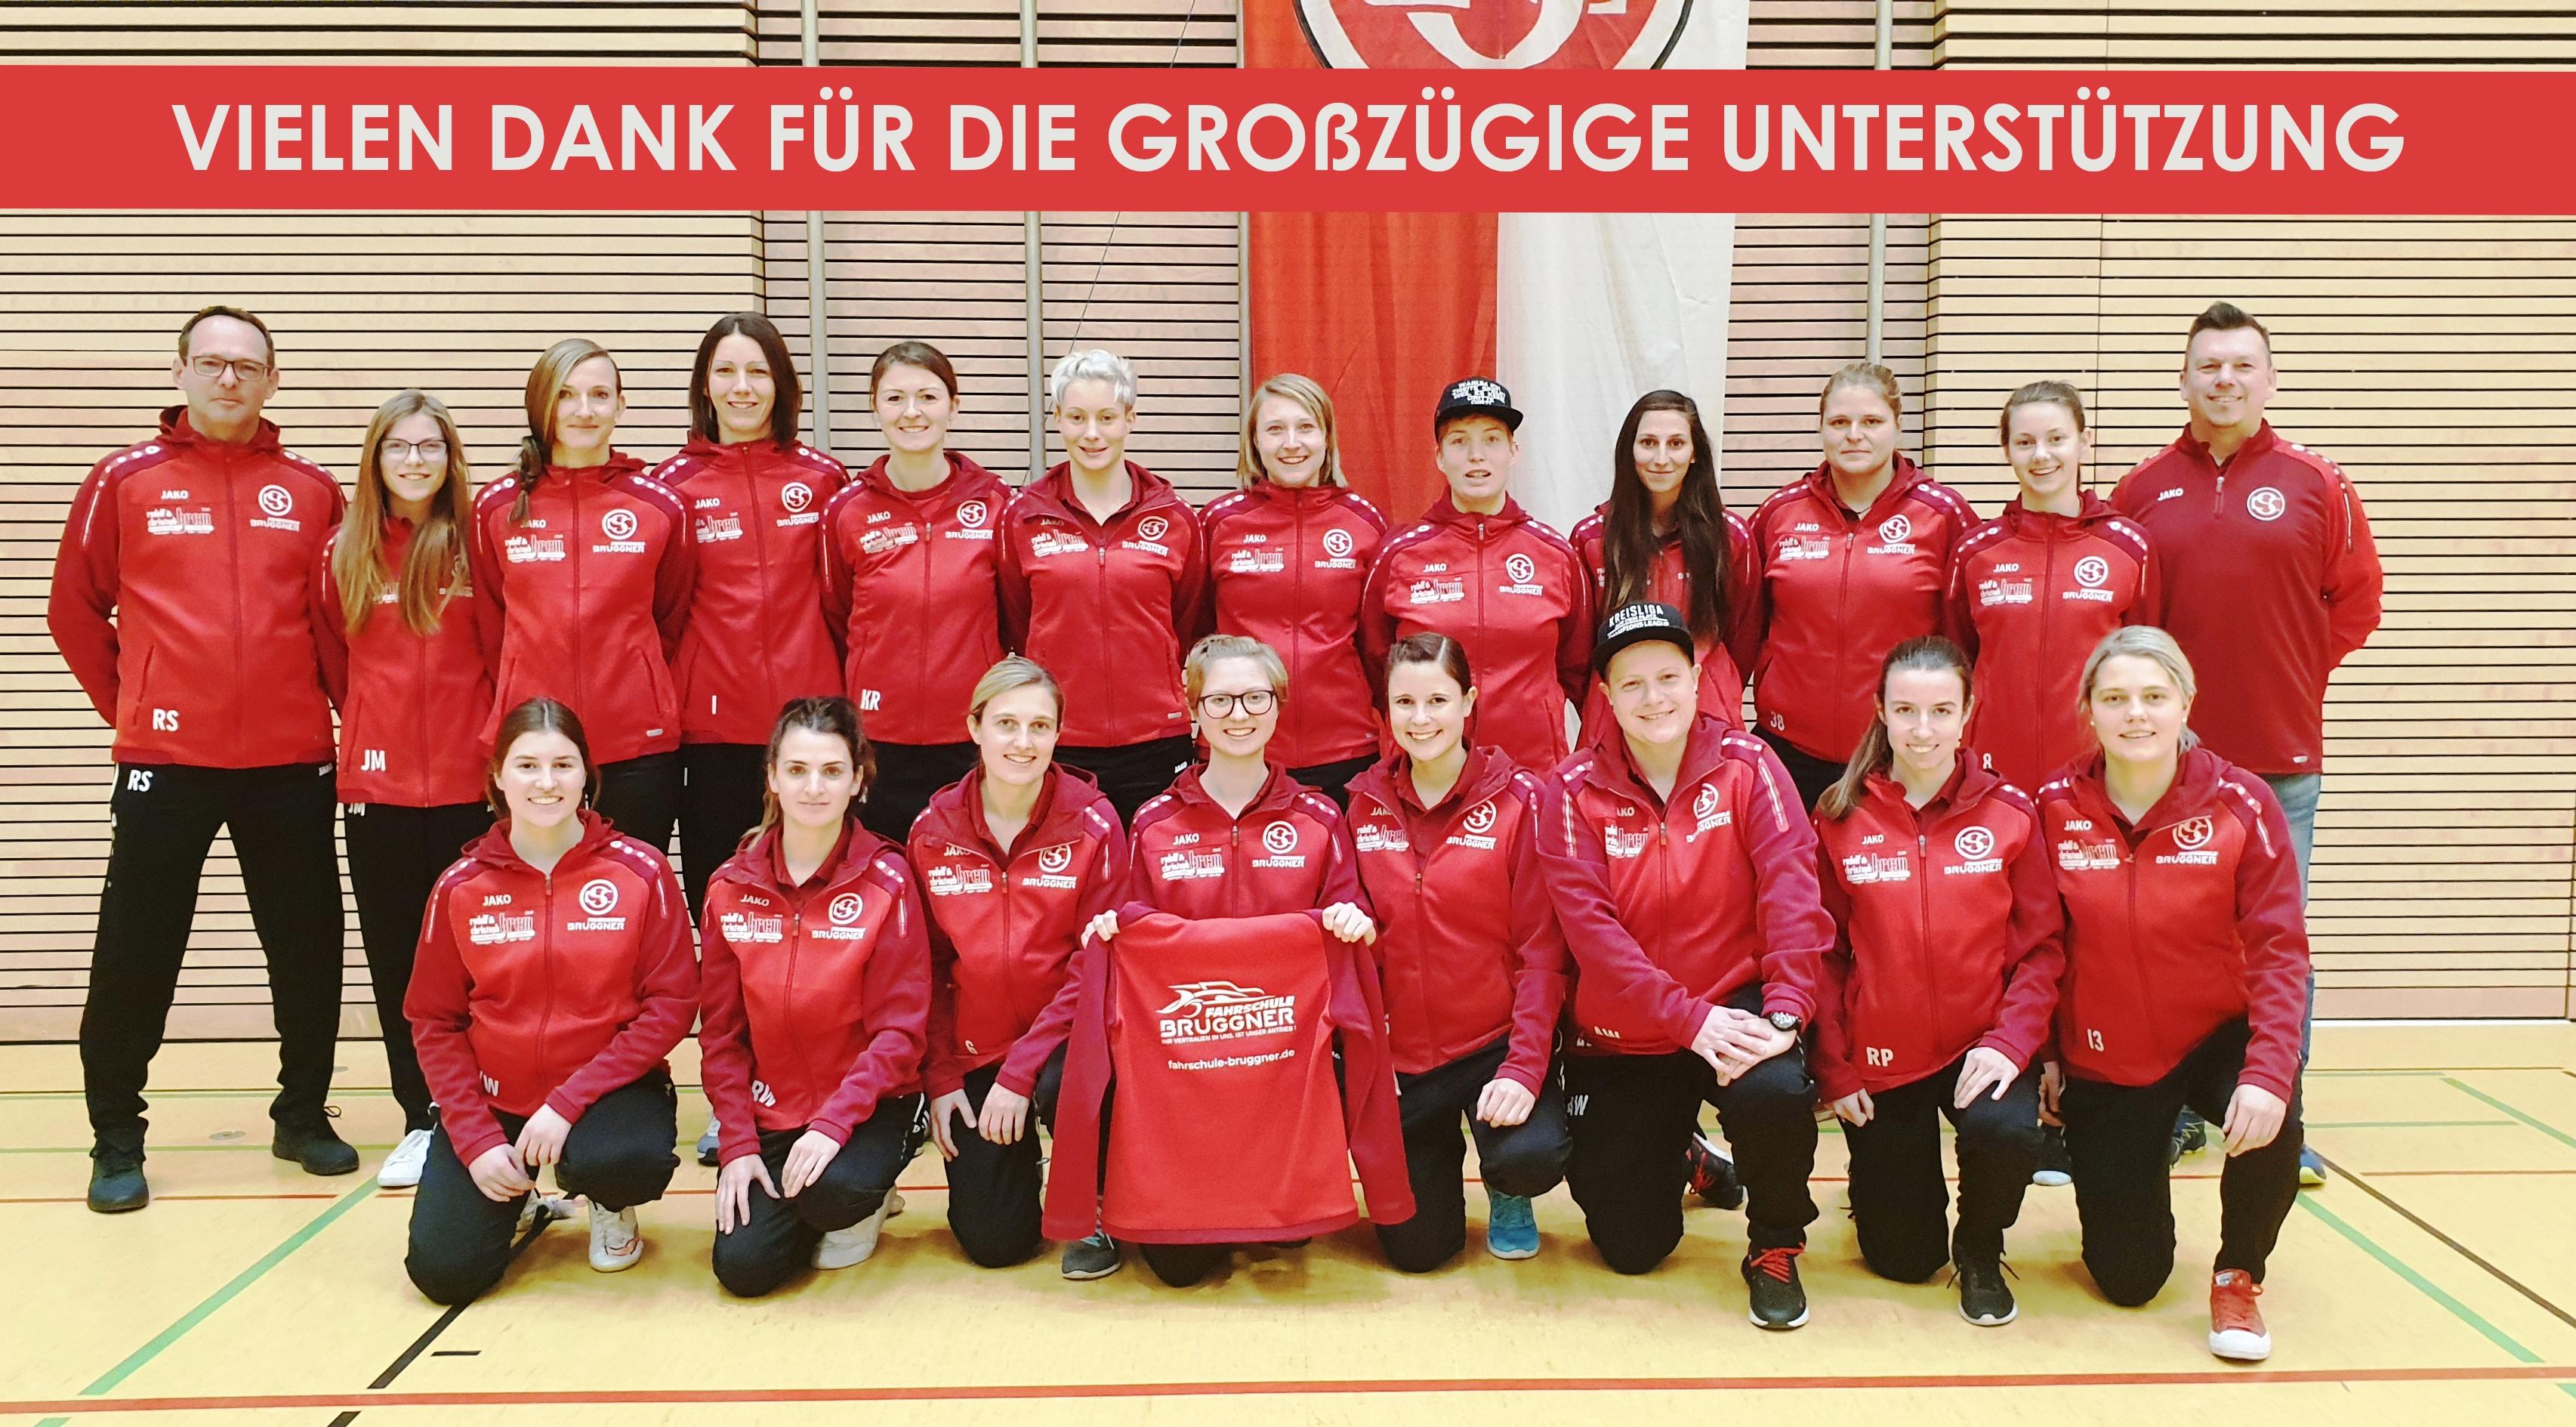 ⚽ Fahrschule Bruggner stattet CSC Frauen Team mit neuen Kapuzenjacken aus